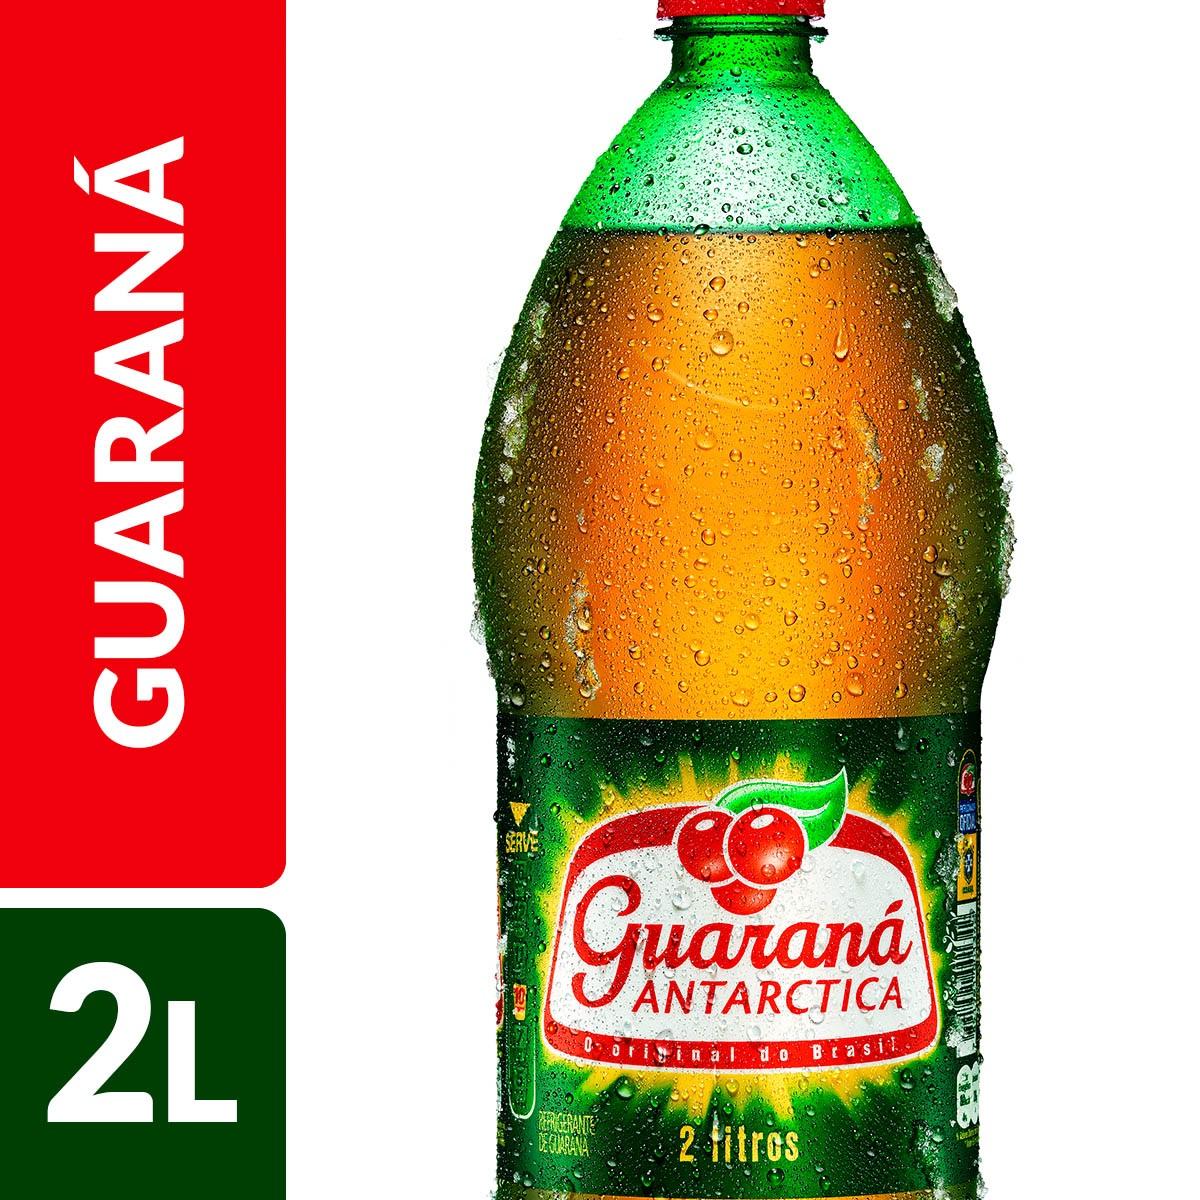 Resultado de imagem para *GUARANÁ ANTARCTICA 2L --------R$ 4,79